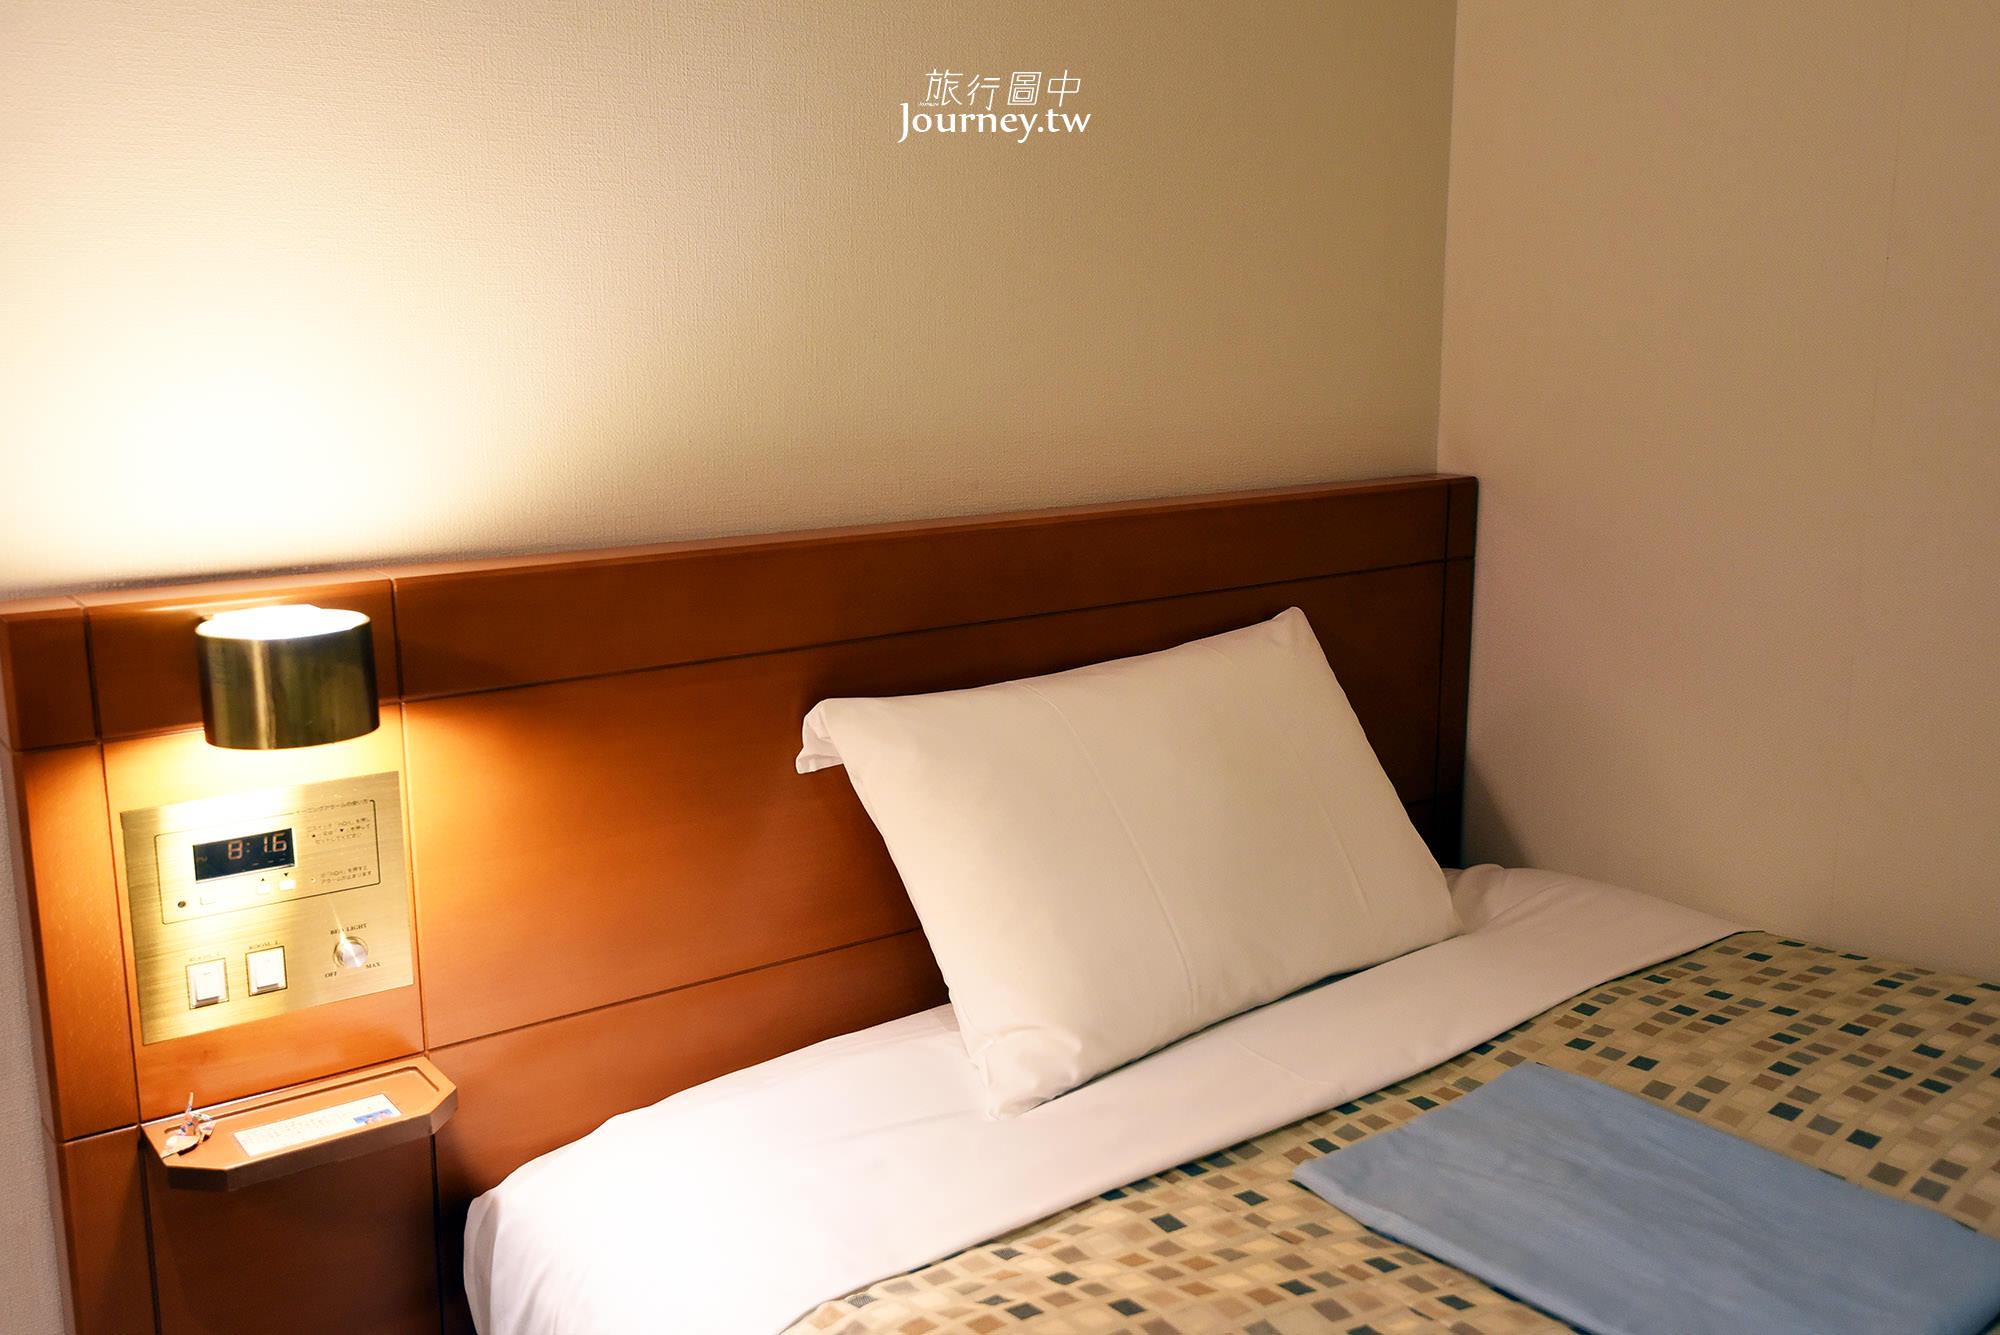 日本,東北,青森,八戶住宿,八戶駅,八戶梅茨酒店 ,Hotel Mets Hachinohe